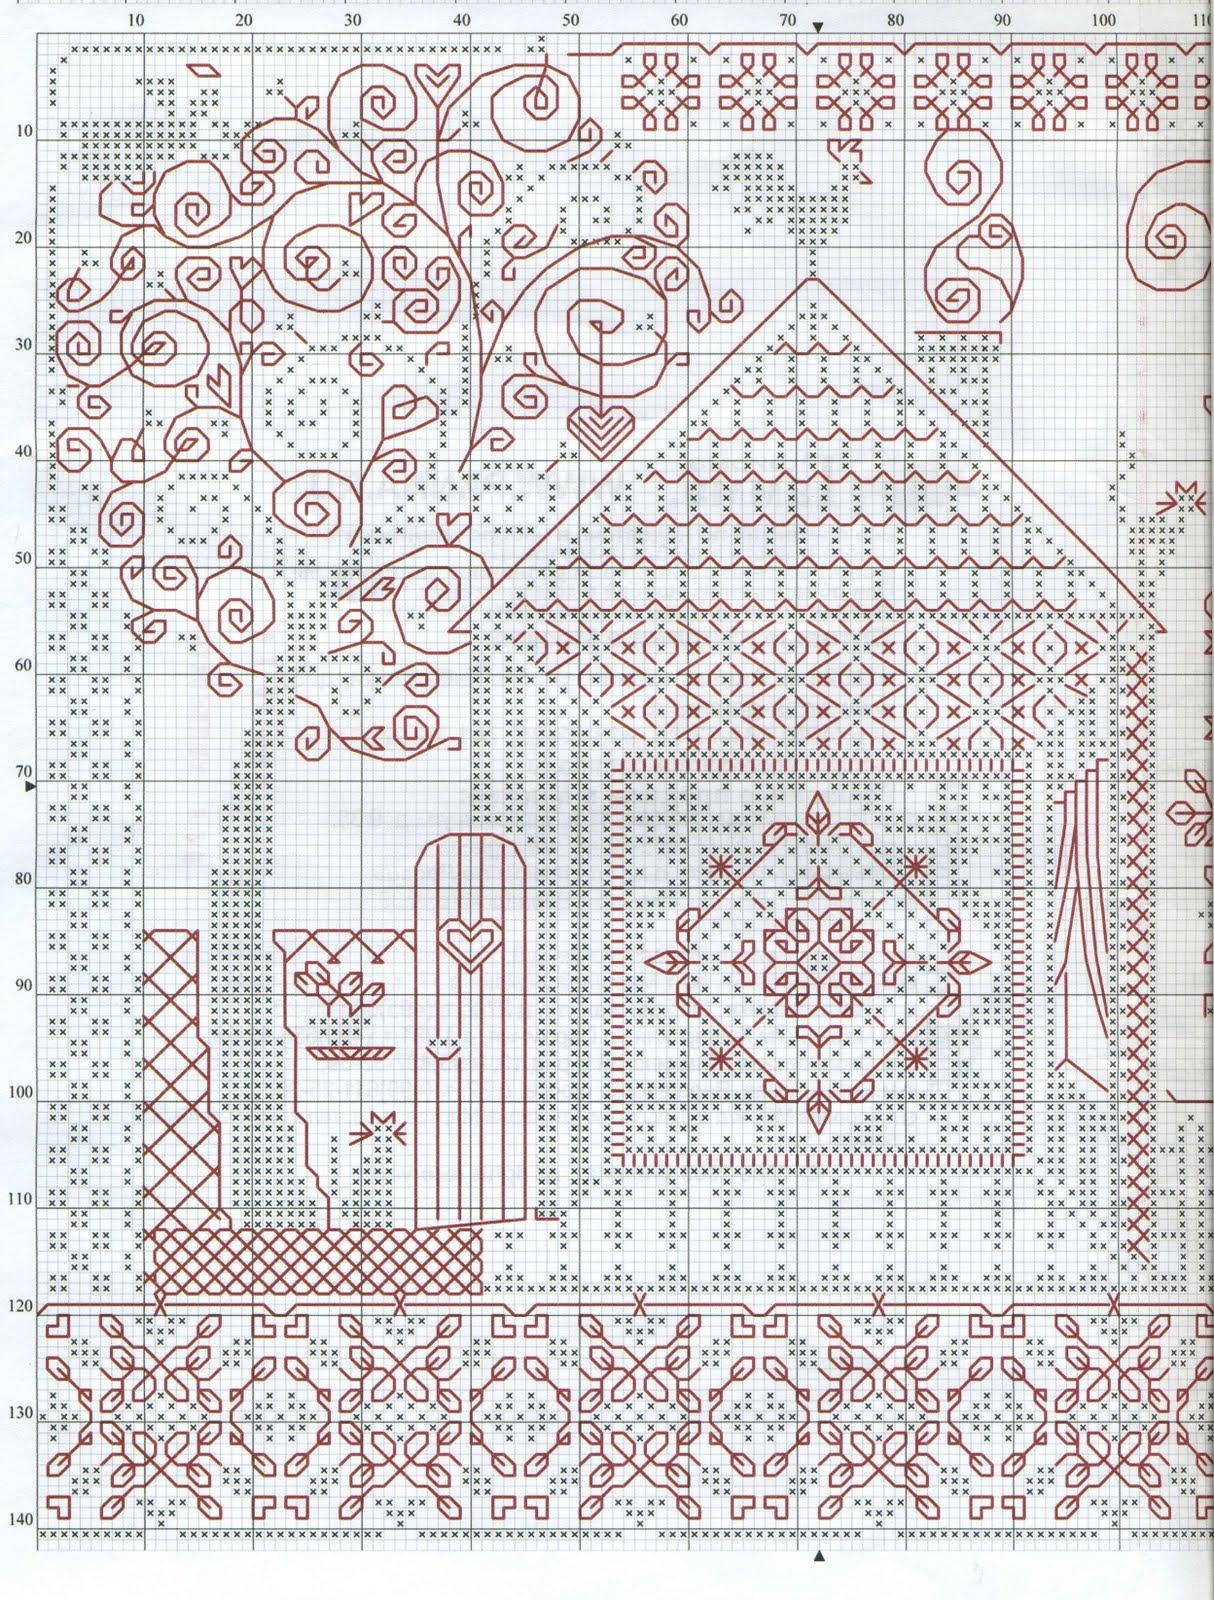 Вышивка схема вышивки домашнего оберега 150